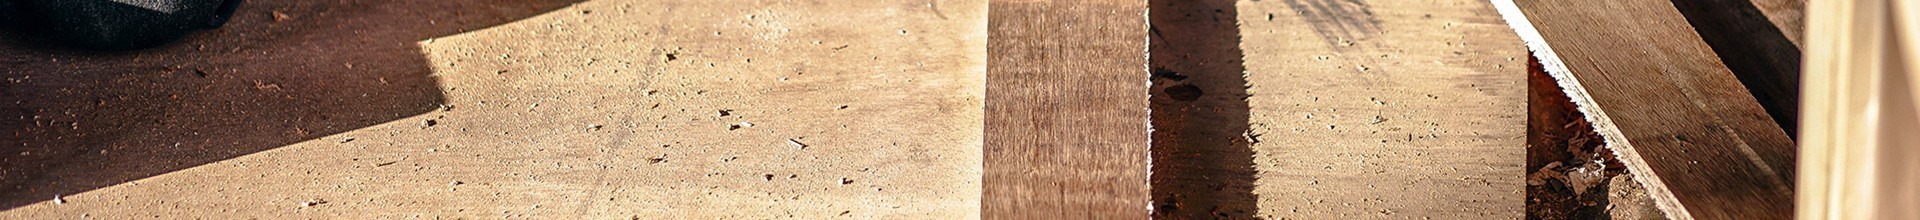 Drôme (26) Solution d'ouverture pour les petites pièces.